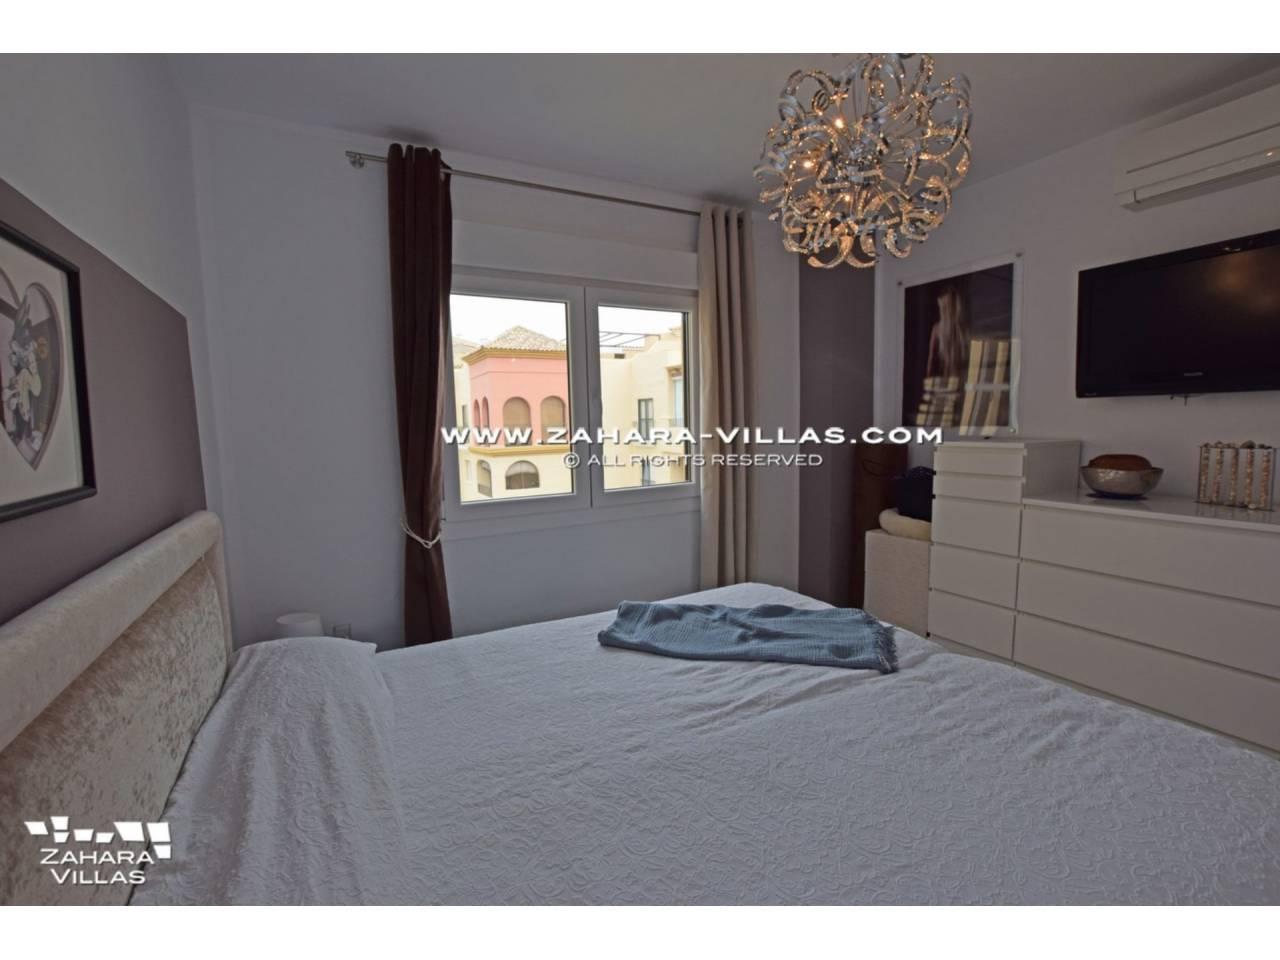 Imagen 30 de Penthouse appartment reformed for sale in Costa de la Luz